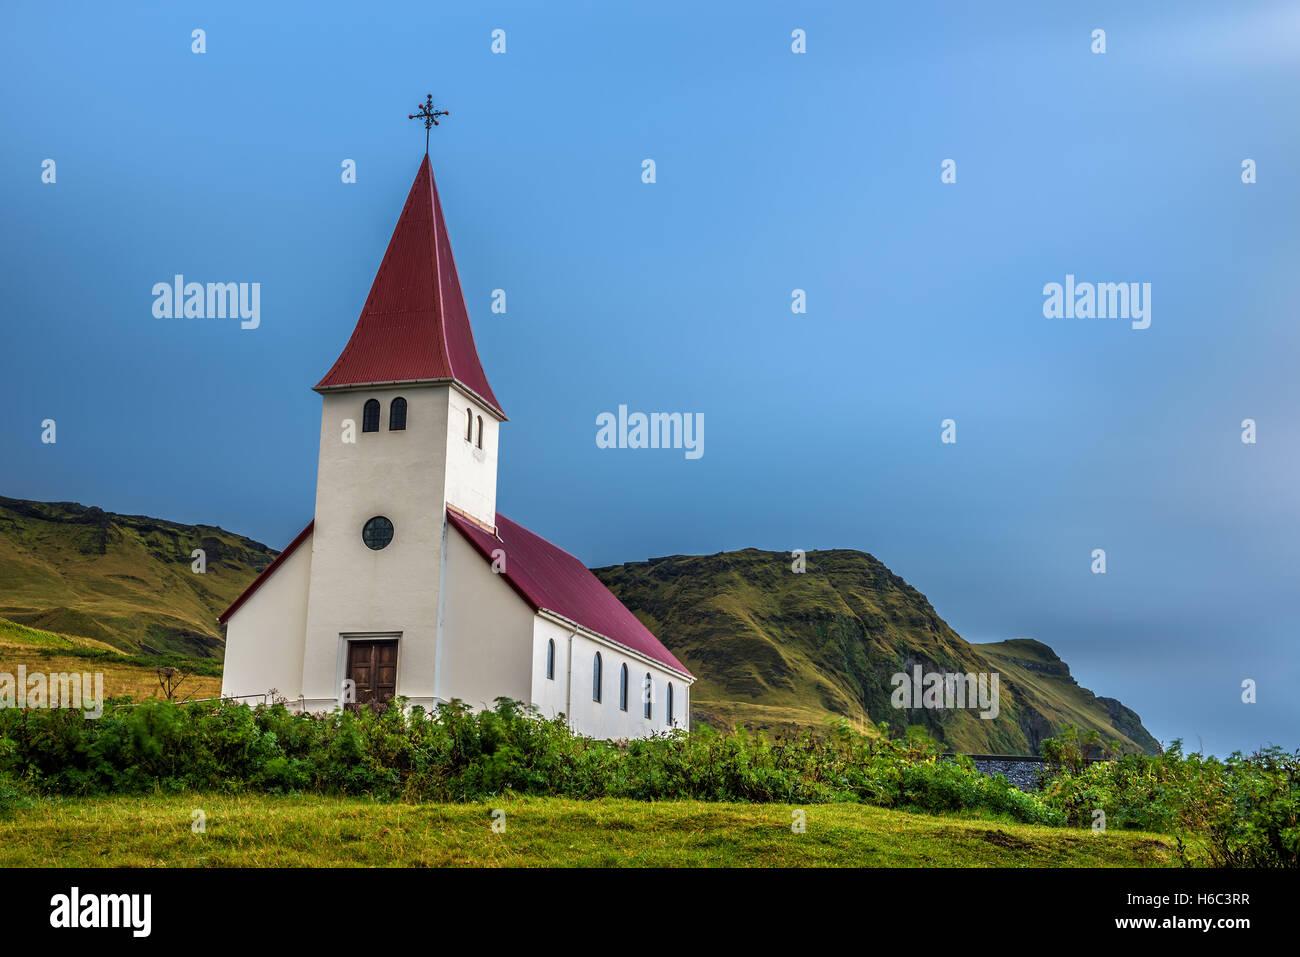 Schwere Wolken über der lutherischen Kirche auf einem Berg in die Stadt Vik in Island. Langzeitbelichtung. Stockbild